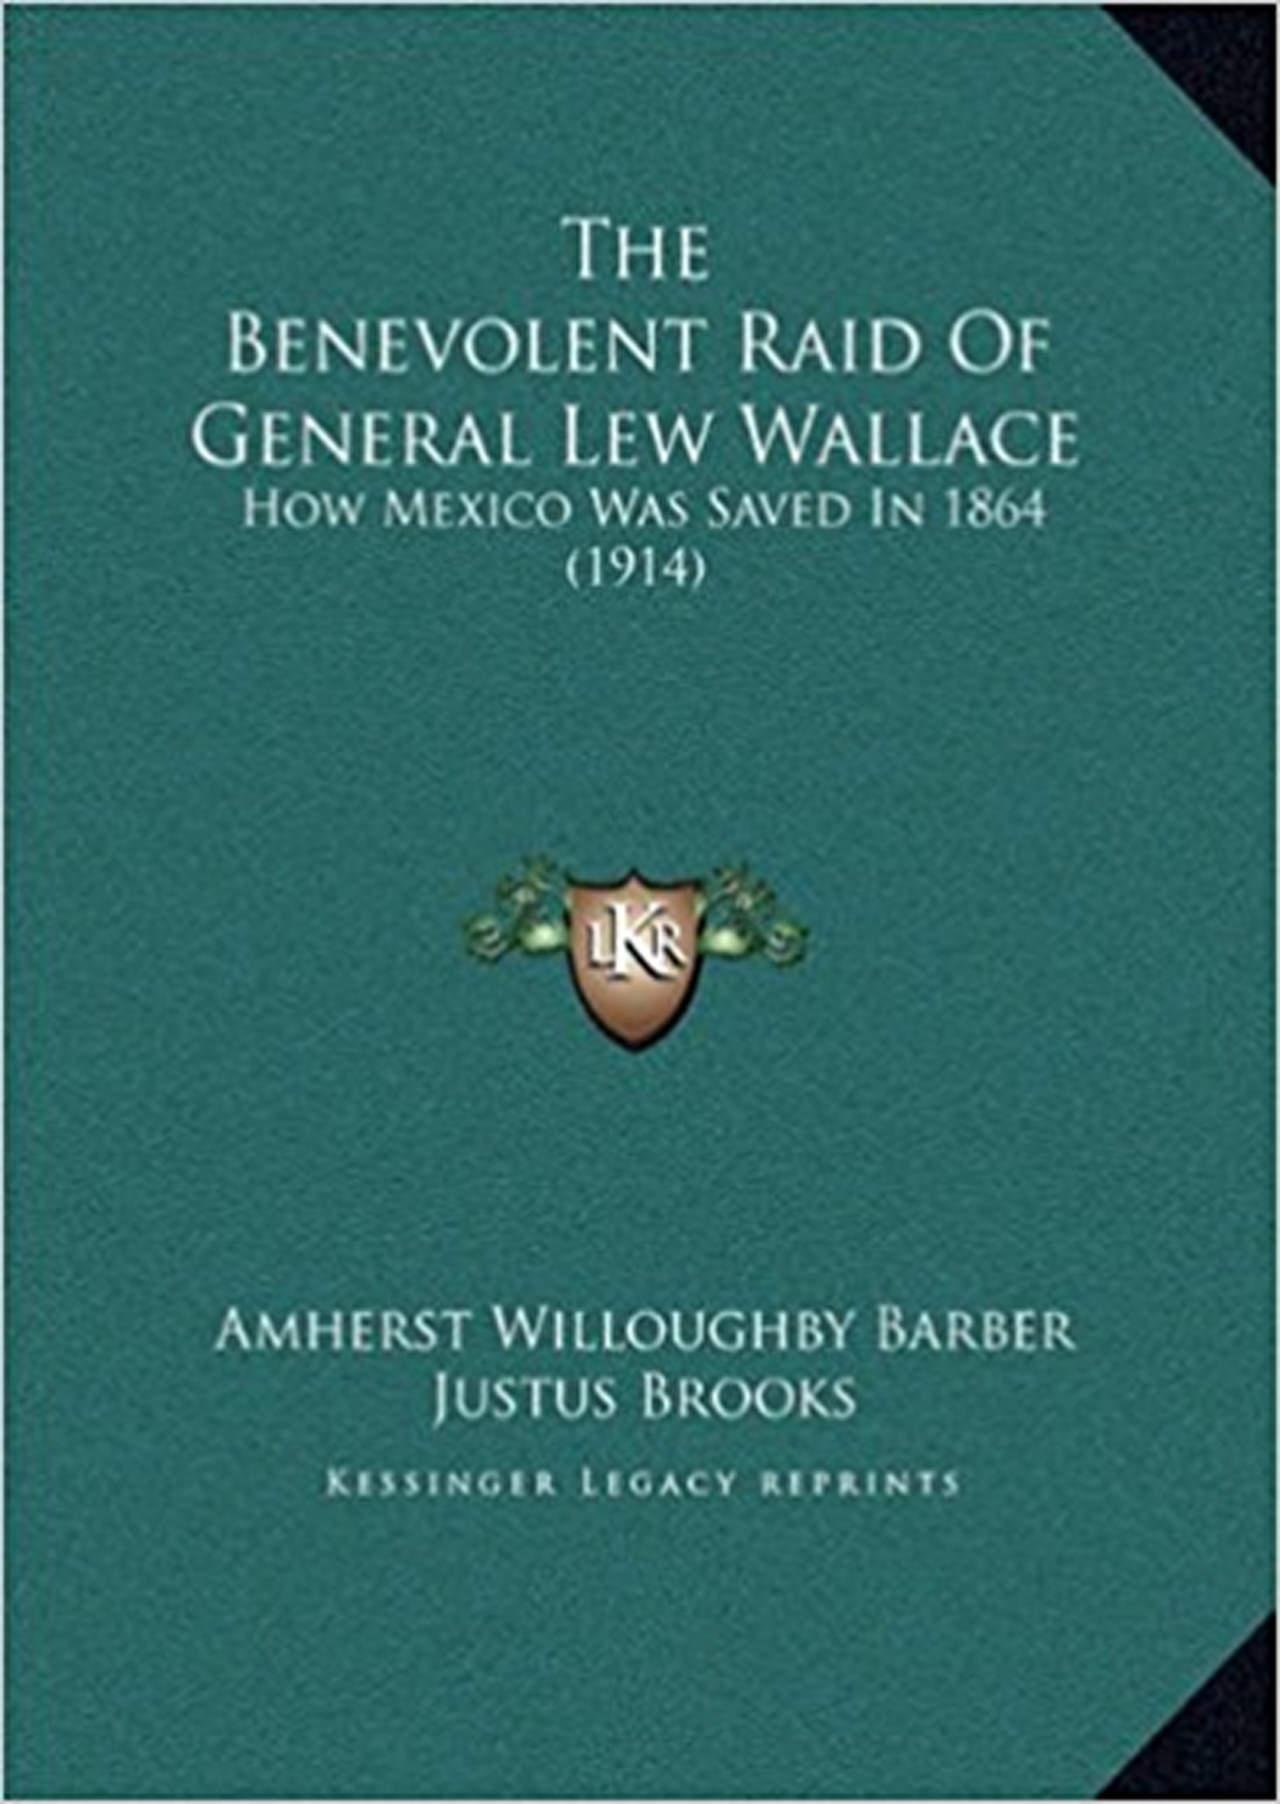 Una intervención norteamericana en La Laguna: Lew Wallace en 1867